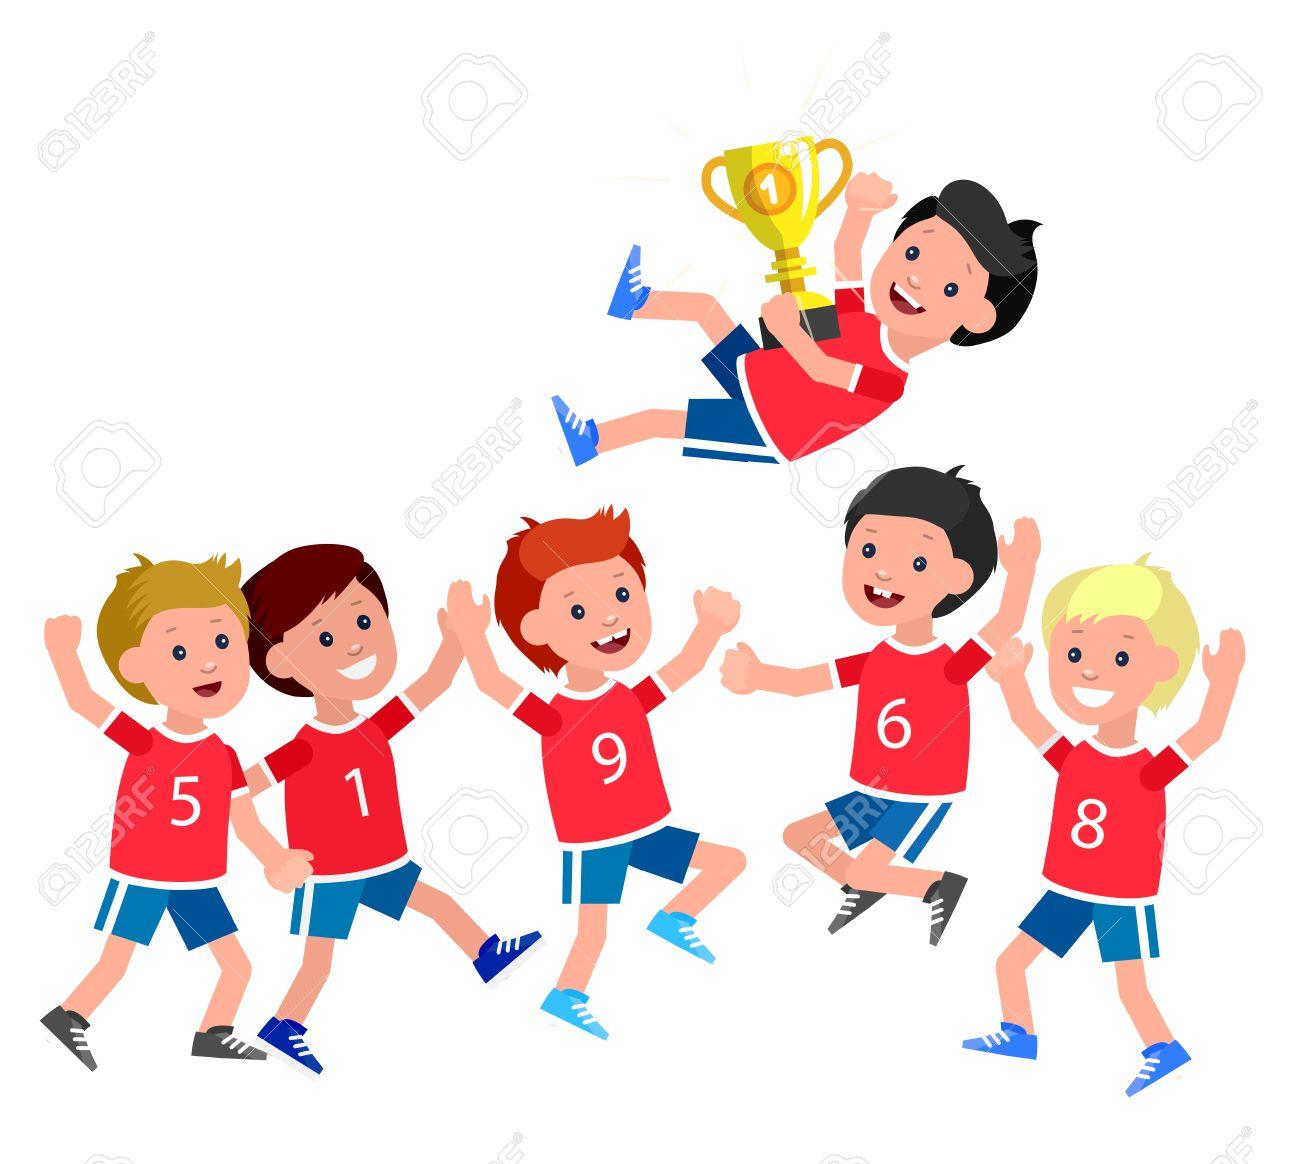 かわいいベクトル文字子供スポーツ チーム ゴールデン カップを獲得